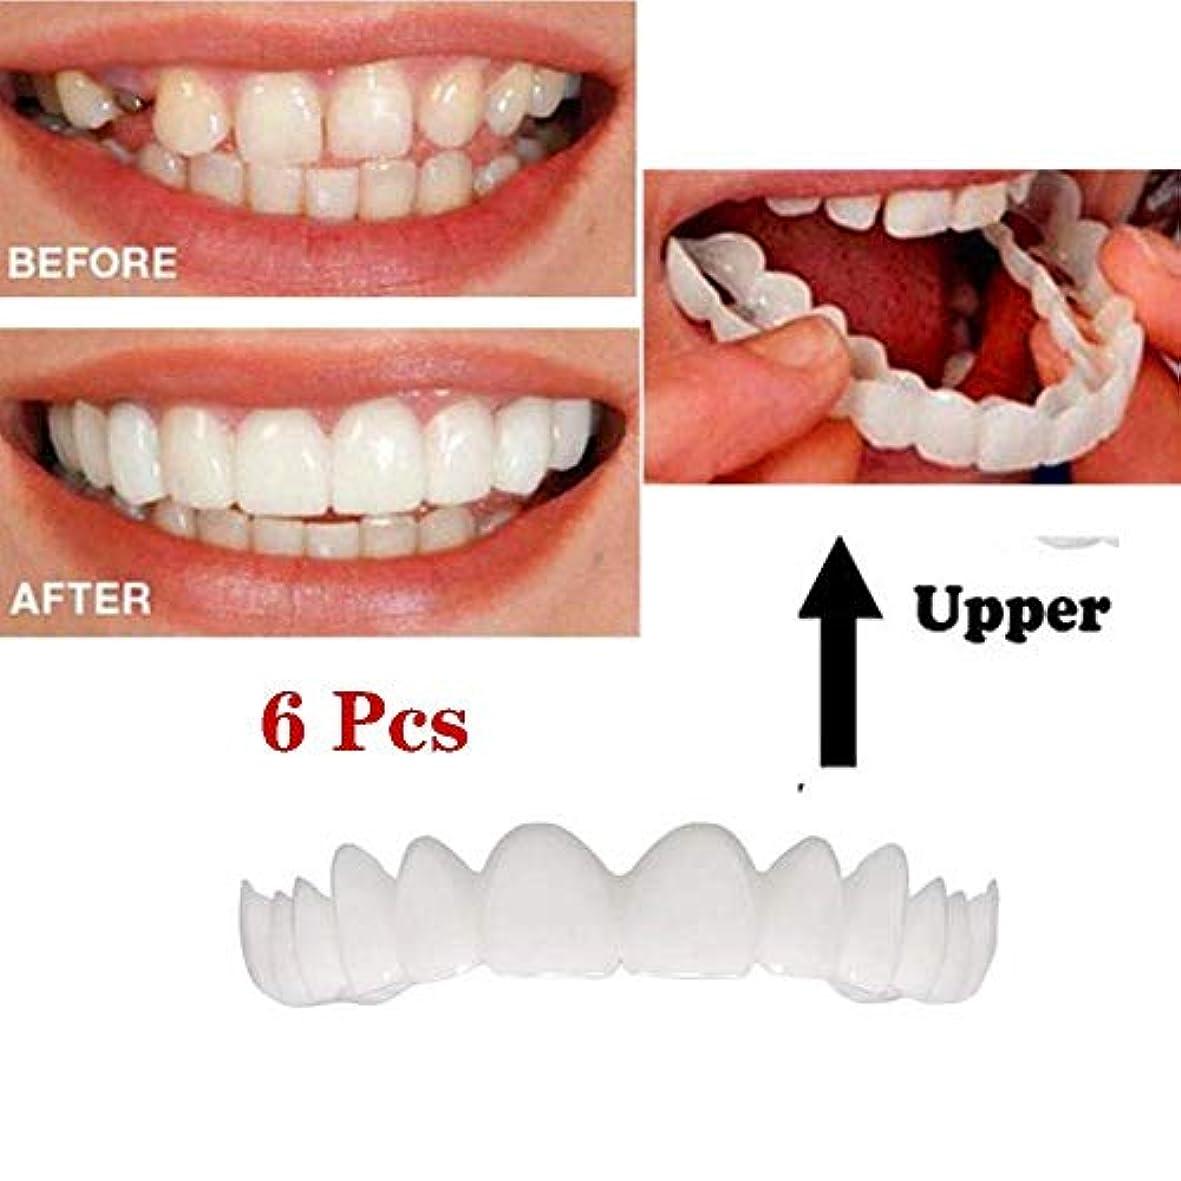 モッキンバード魅惑する予測子6個シリコーン偽の歯偽歯カバーホワイトニング義歯オーラルケア歯ホワイトニングデンタルオーラルケアアッパーブレース仮化粧品歯義歯